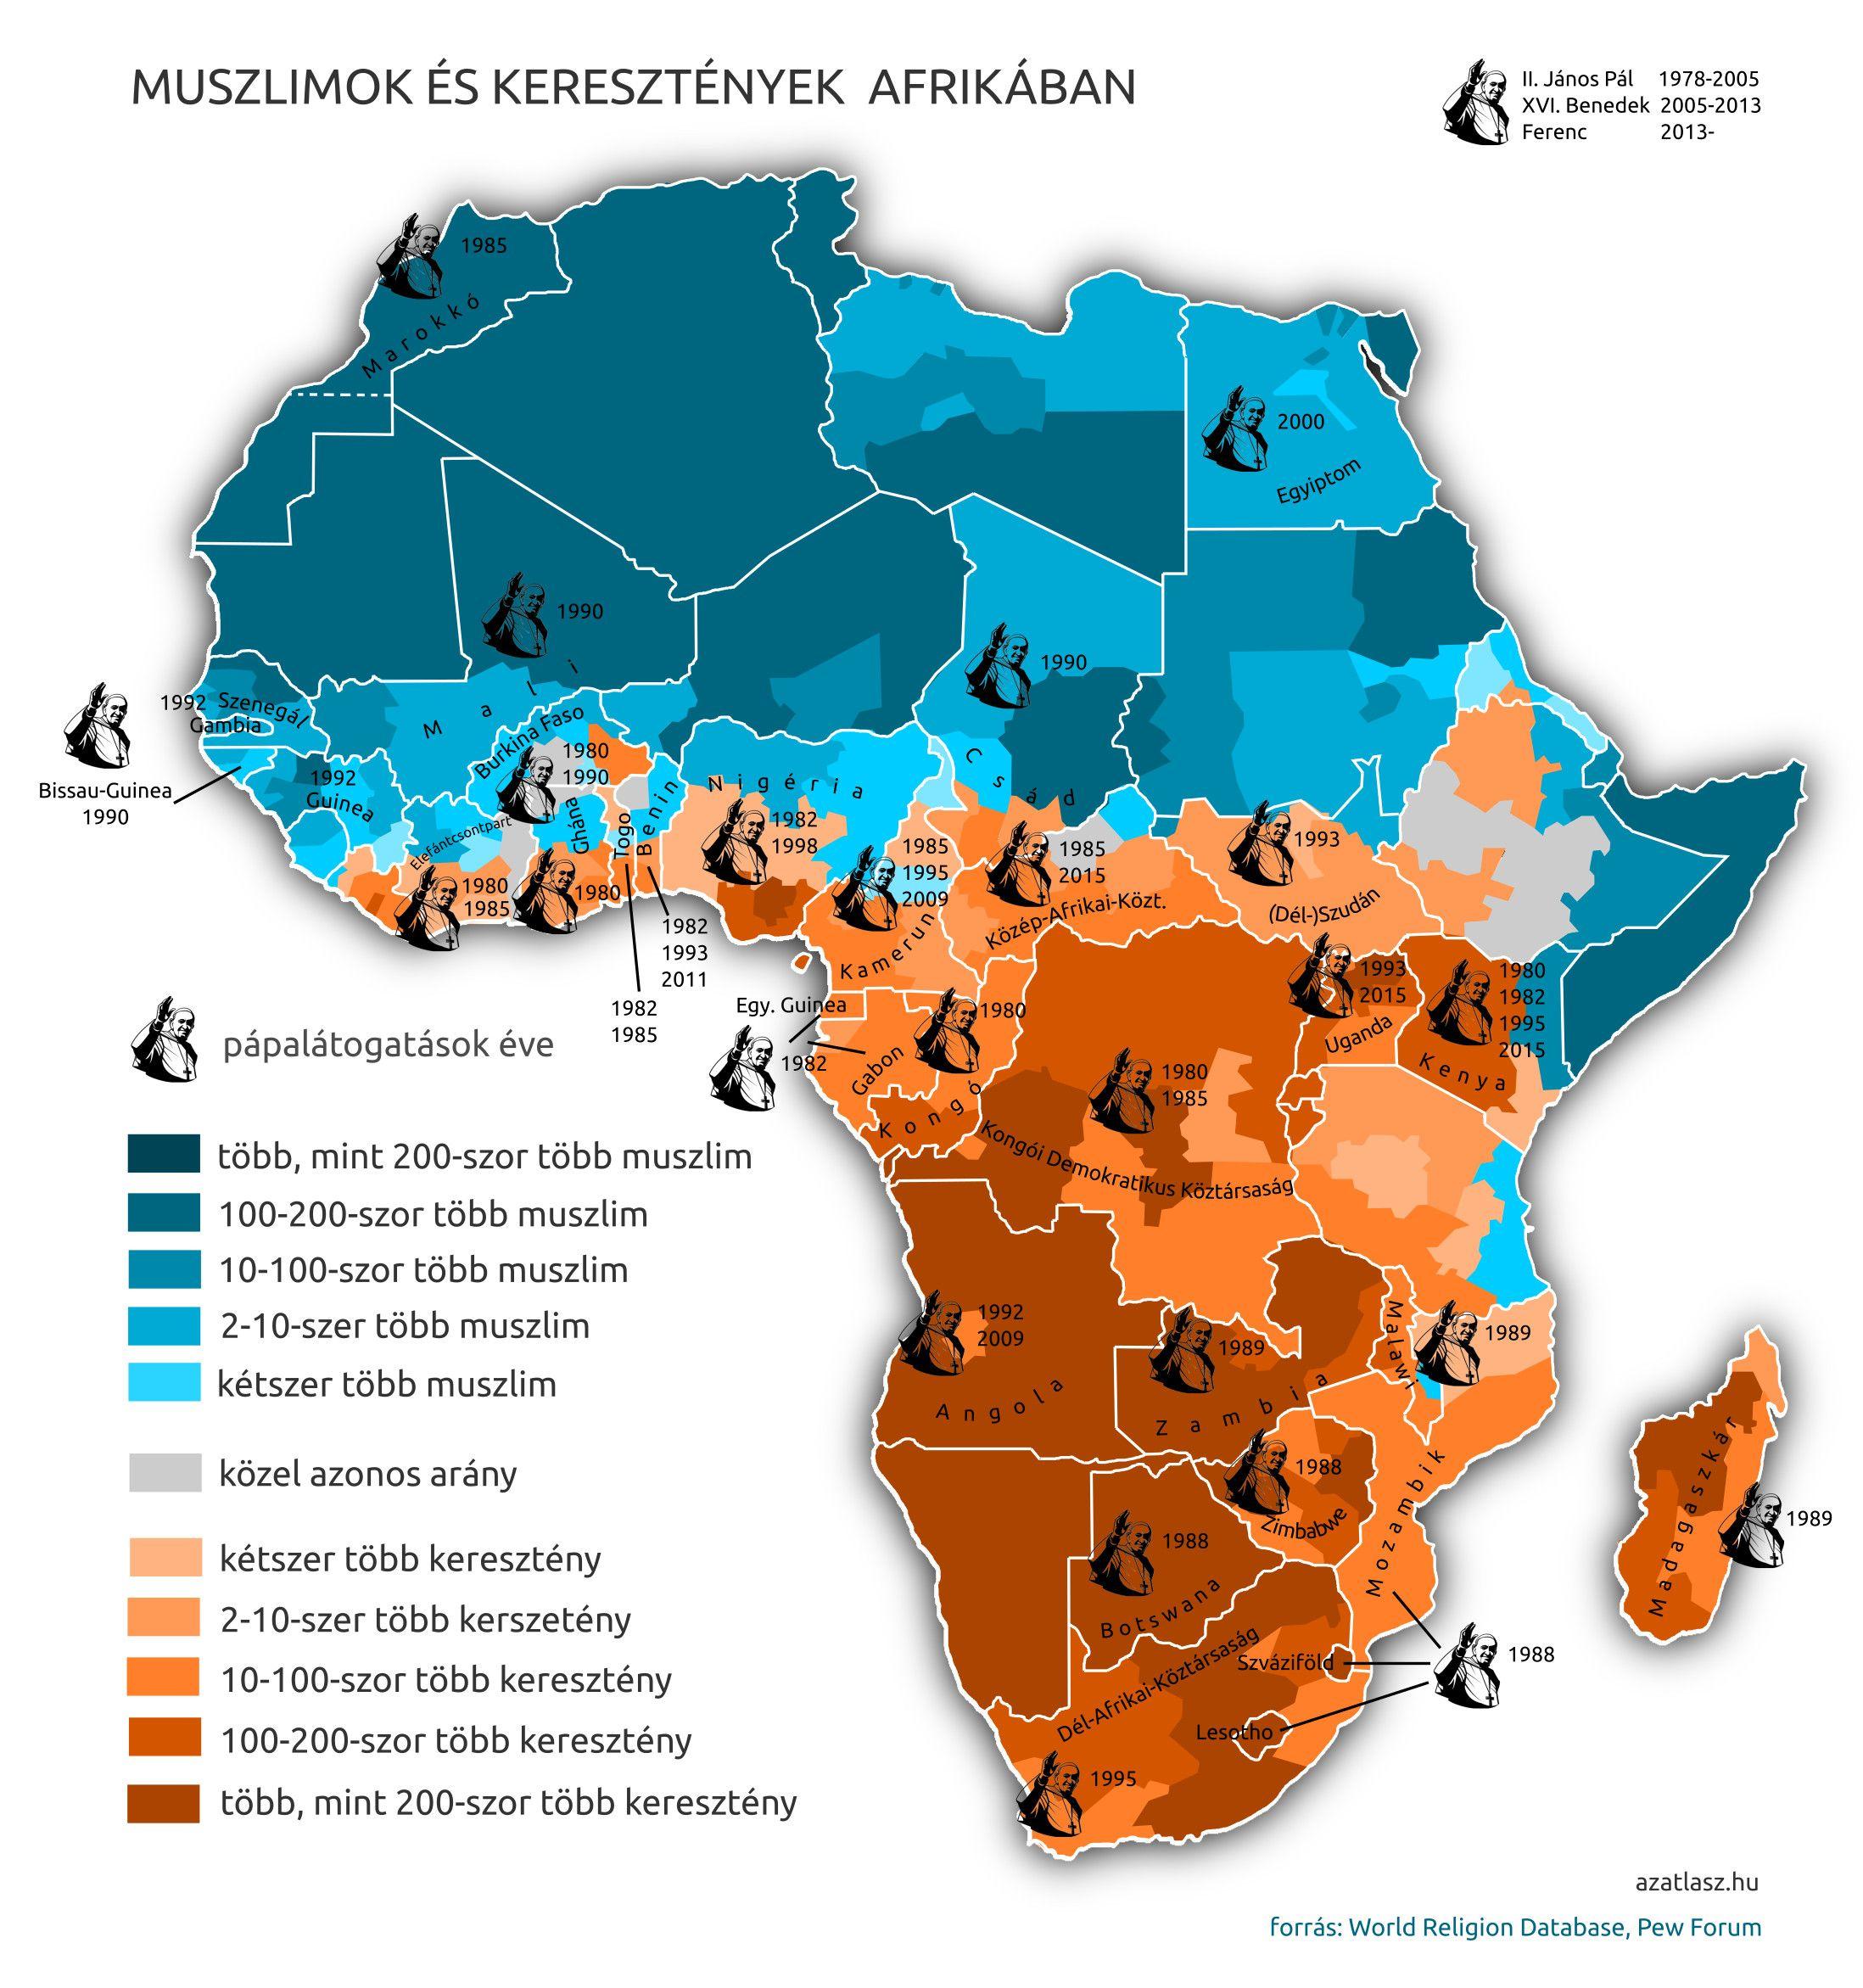 afrika ebola térkép 8 best Afrika térképek images on Pinterest | Envelope, Morocco and  afrika ebola térkép